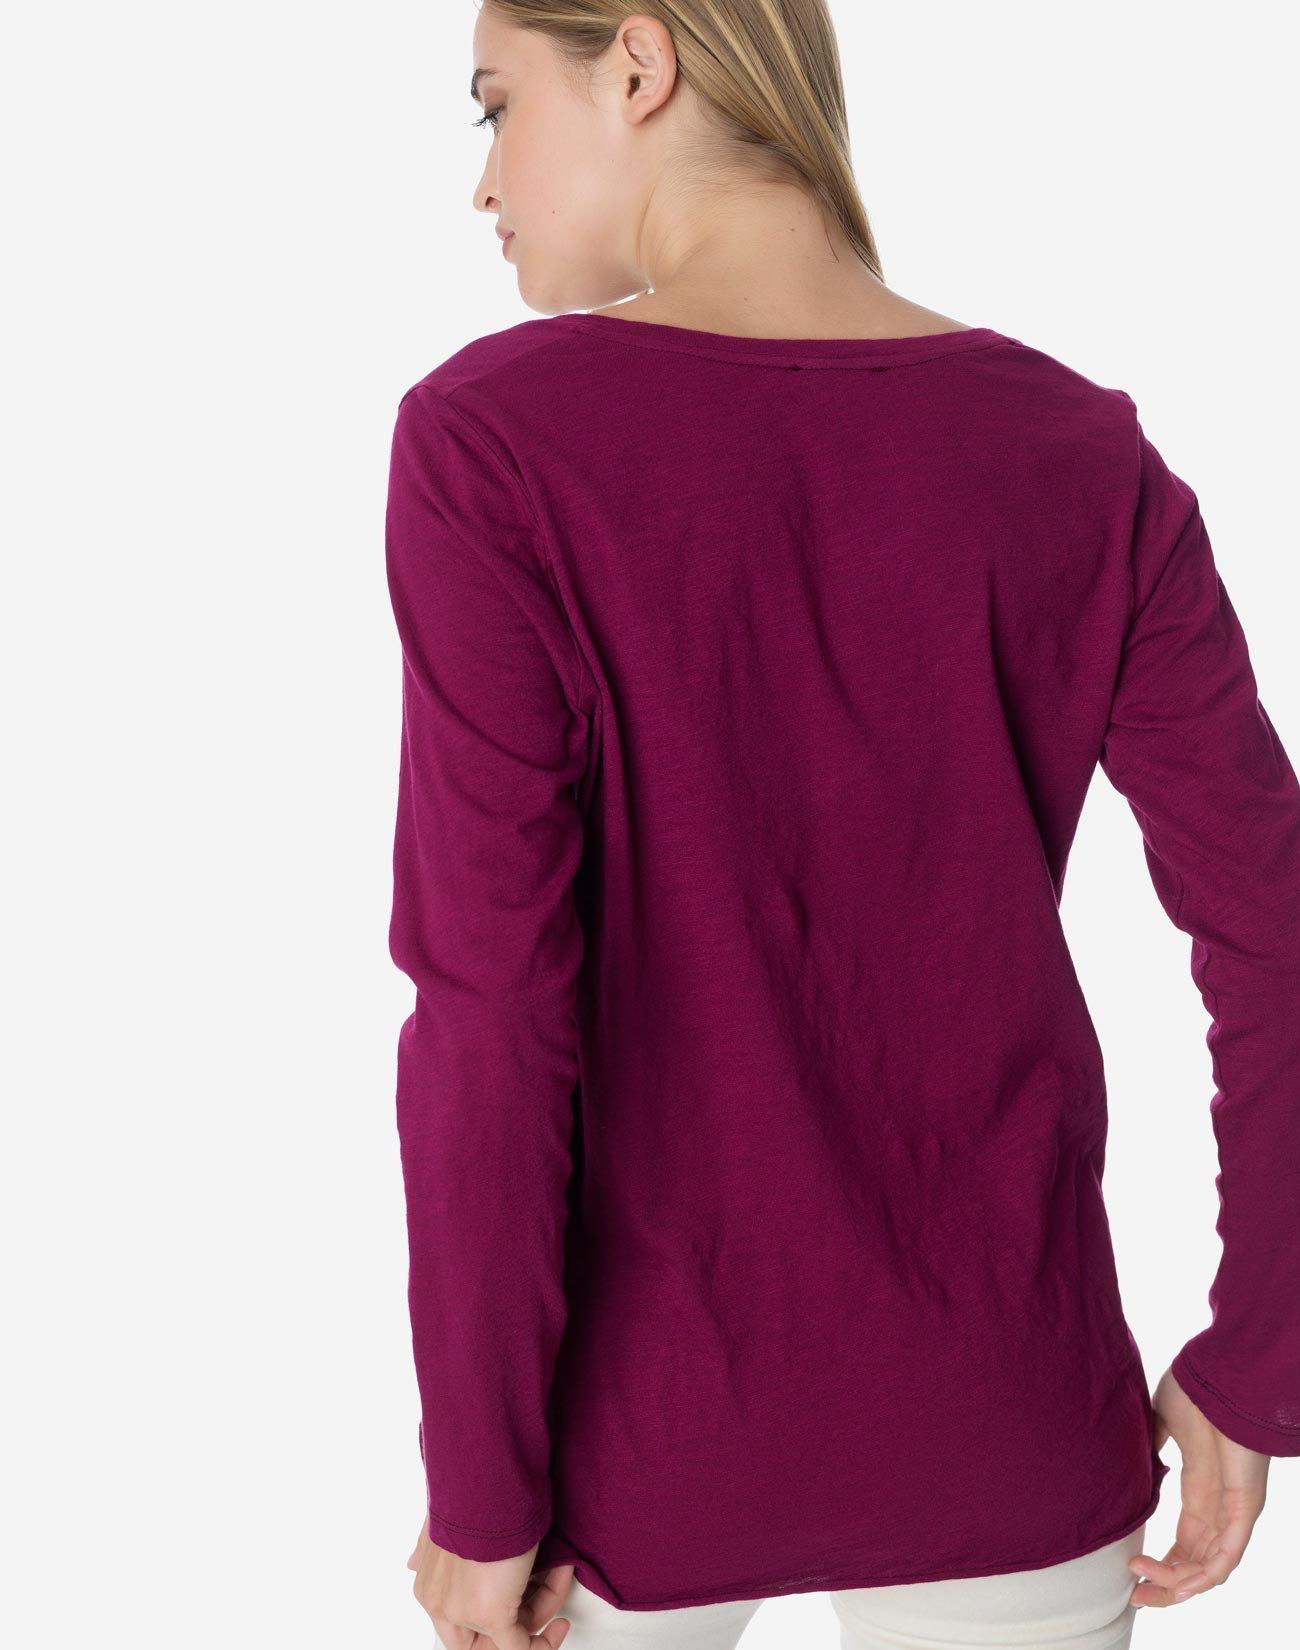 Μακρυμάνικη μπλούζα basic